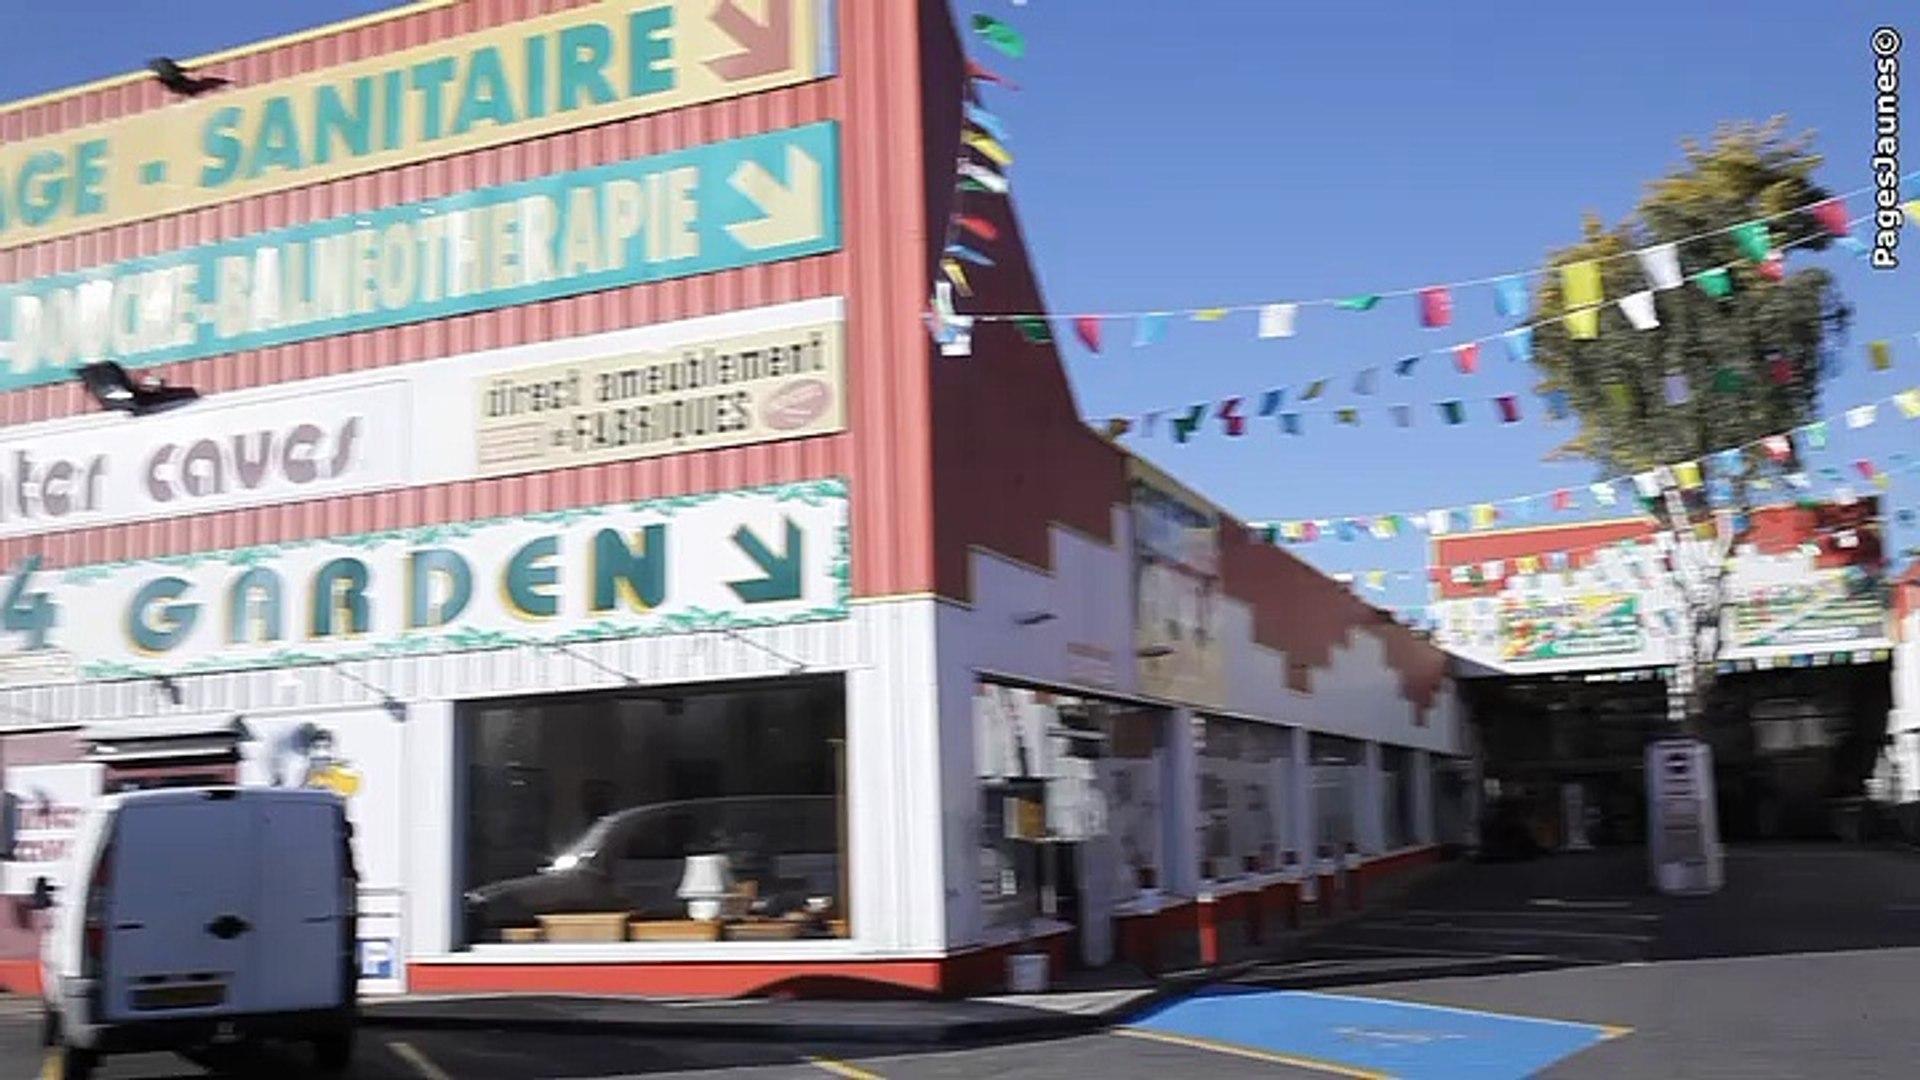 La Maison Du Carrelage Et Sanitaire Balma ecm expansion vente de carrelage et de sanitaires à la queue-en-brie.